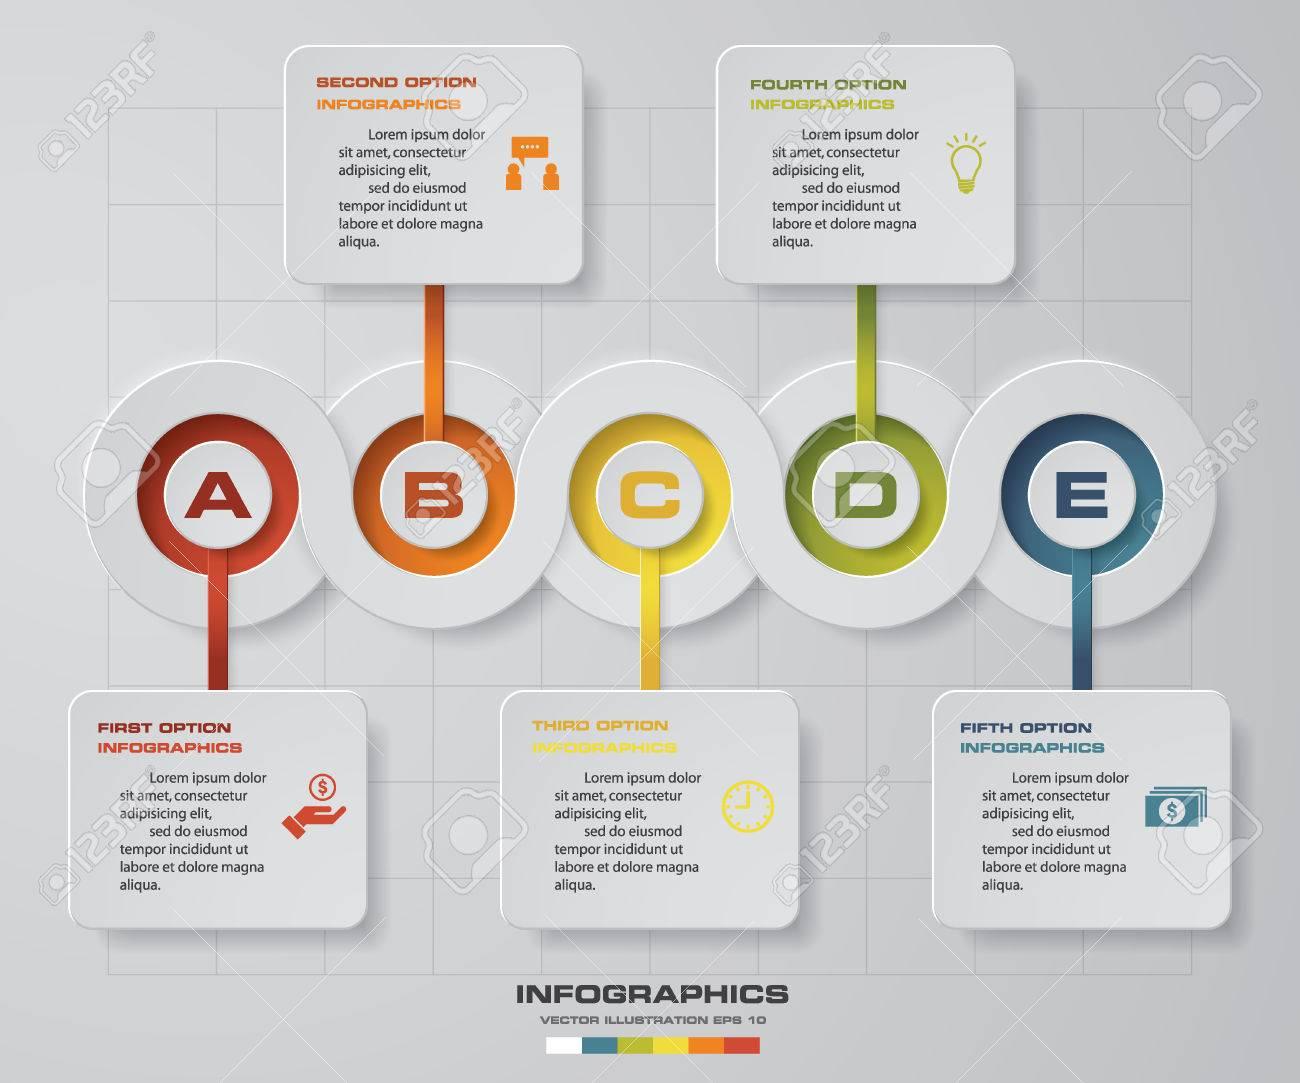 タイムライン インフォ グラフィック 5 手順ベクター デザイン